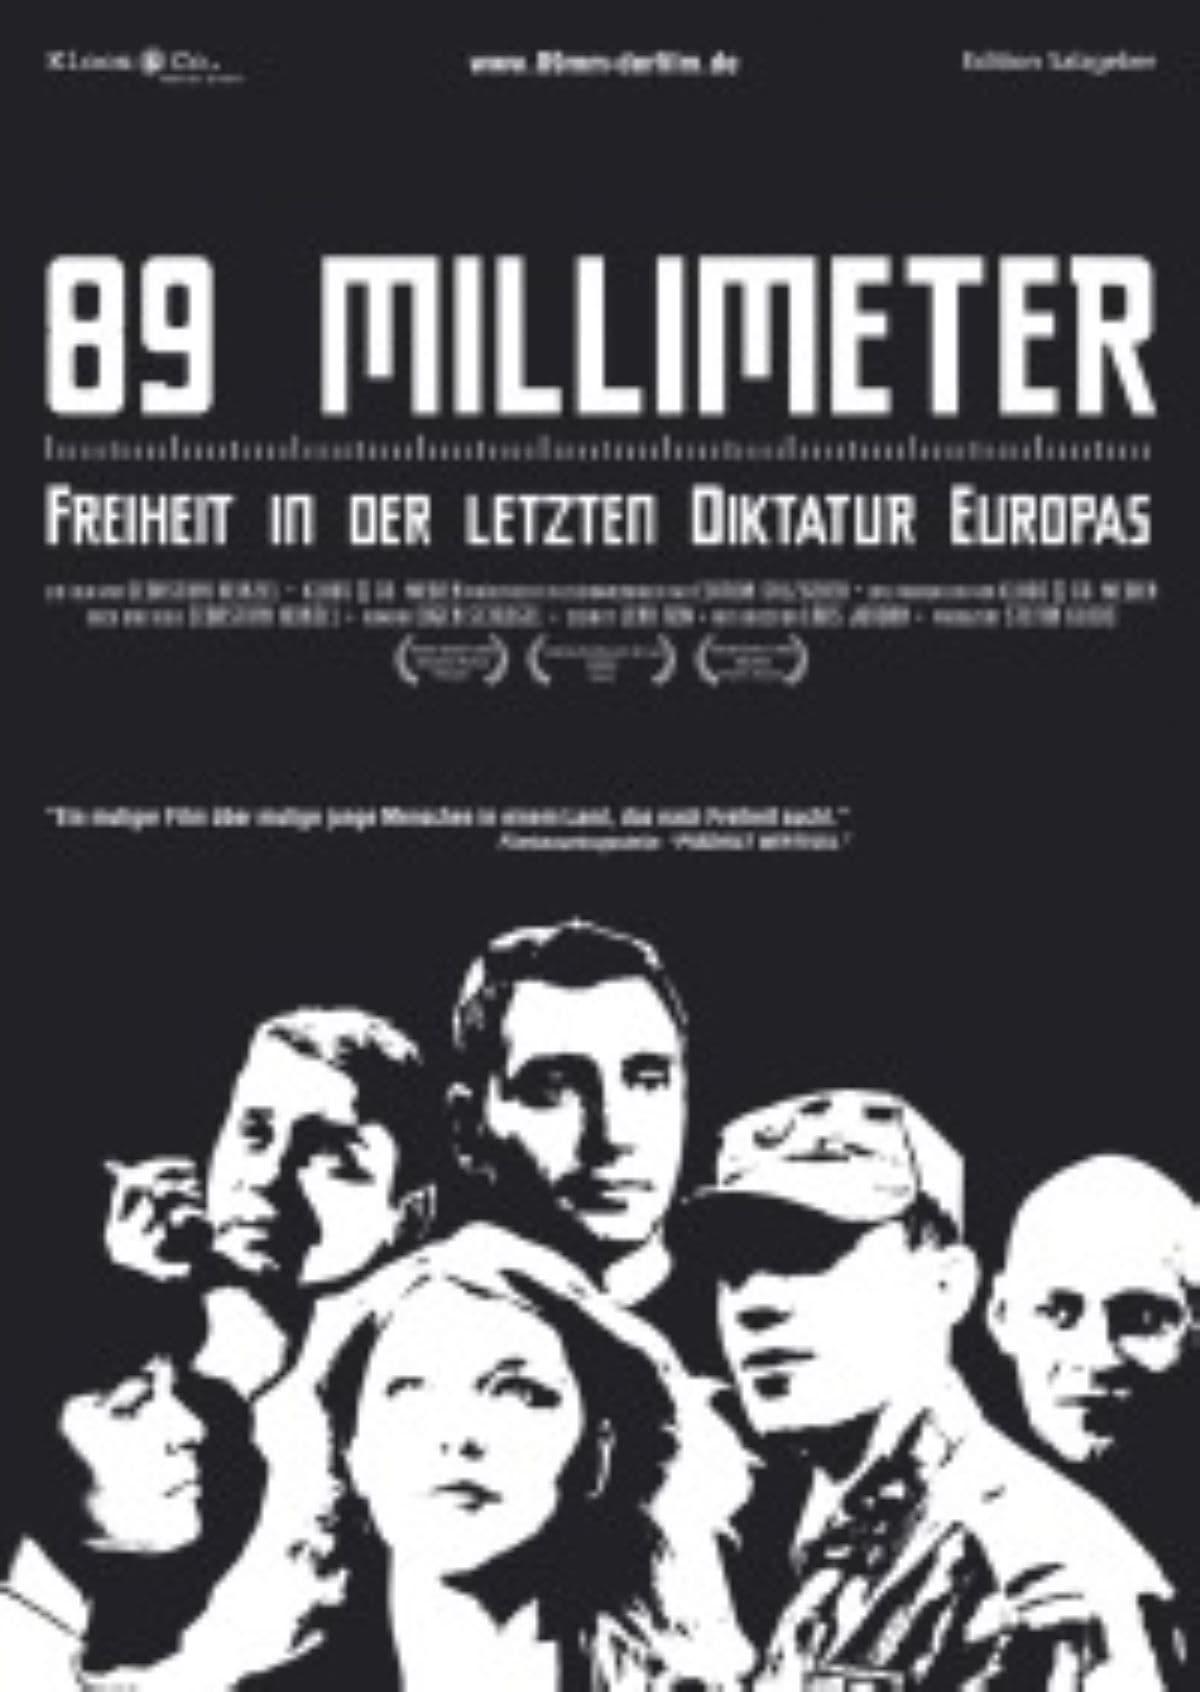 89 mm - Freiheit in der Letzten Diktatur Europas